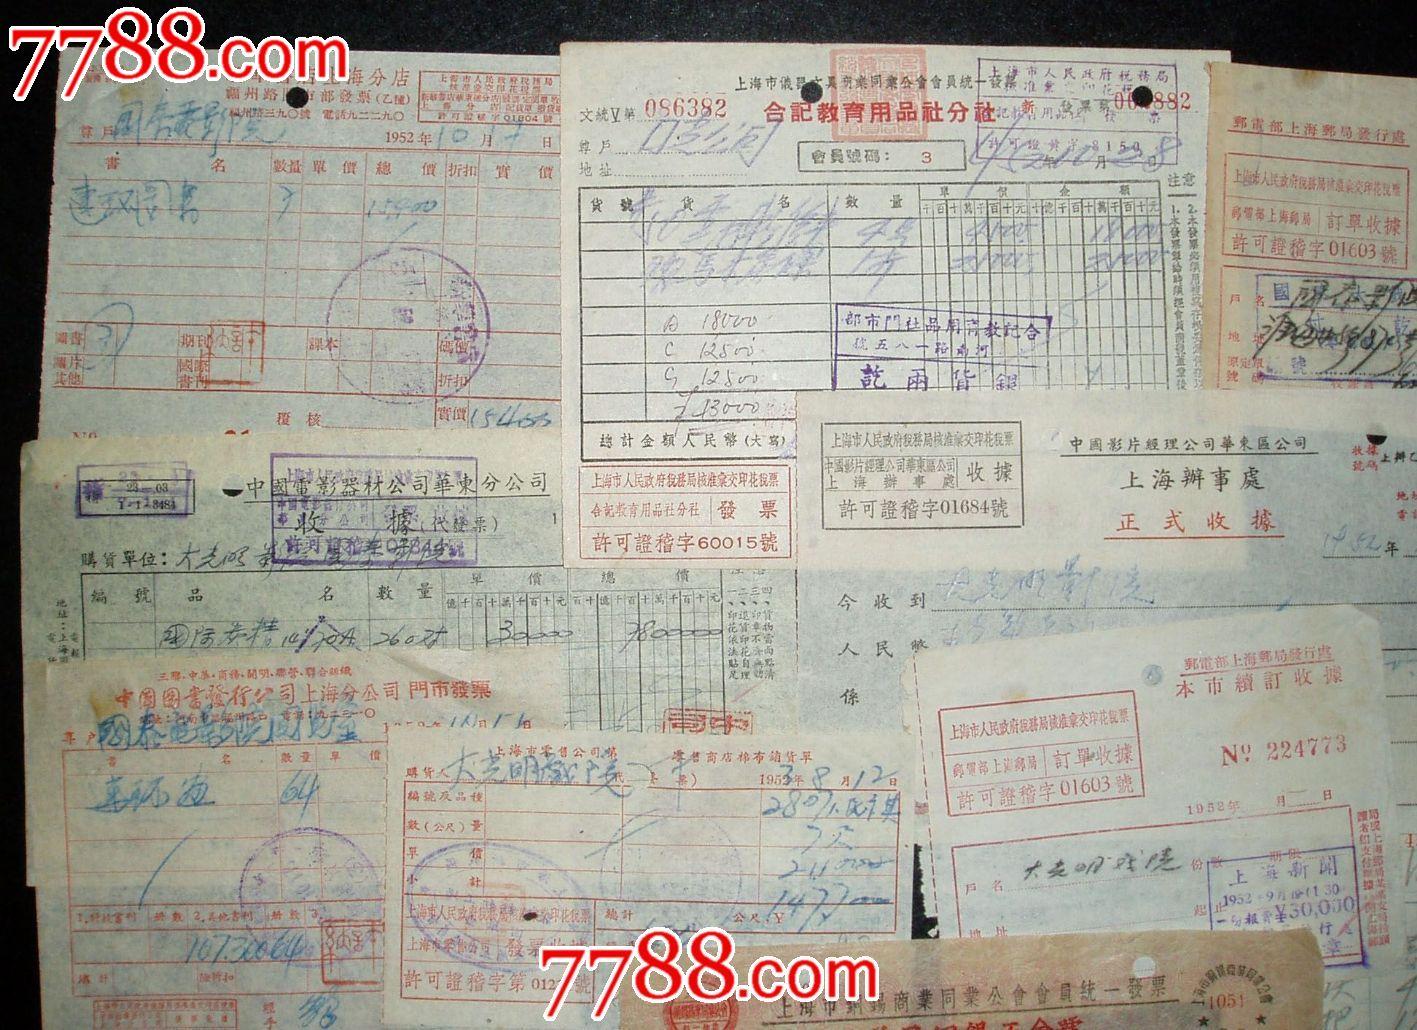 130上海五十年代发票收据正印盖(核准汇交印花税票)章